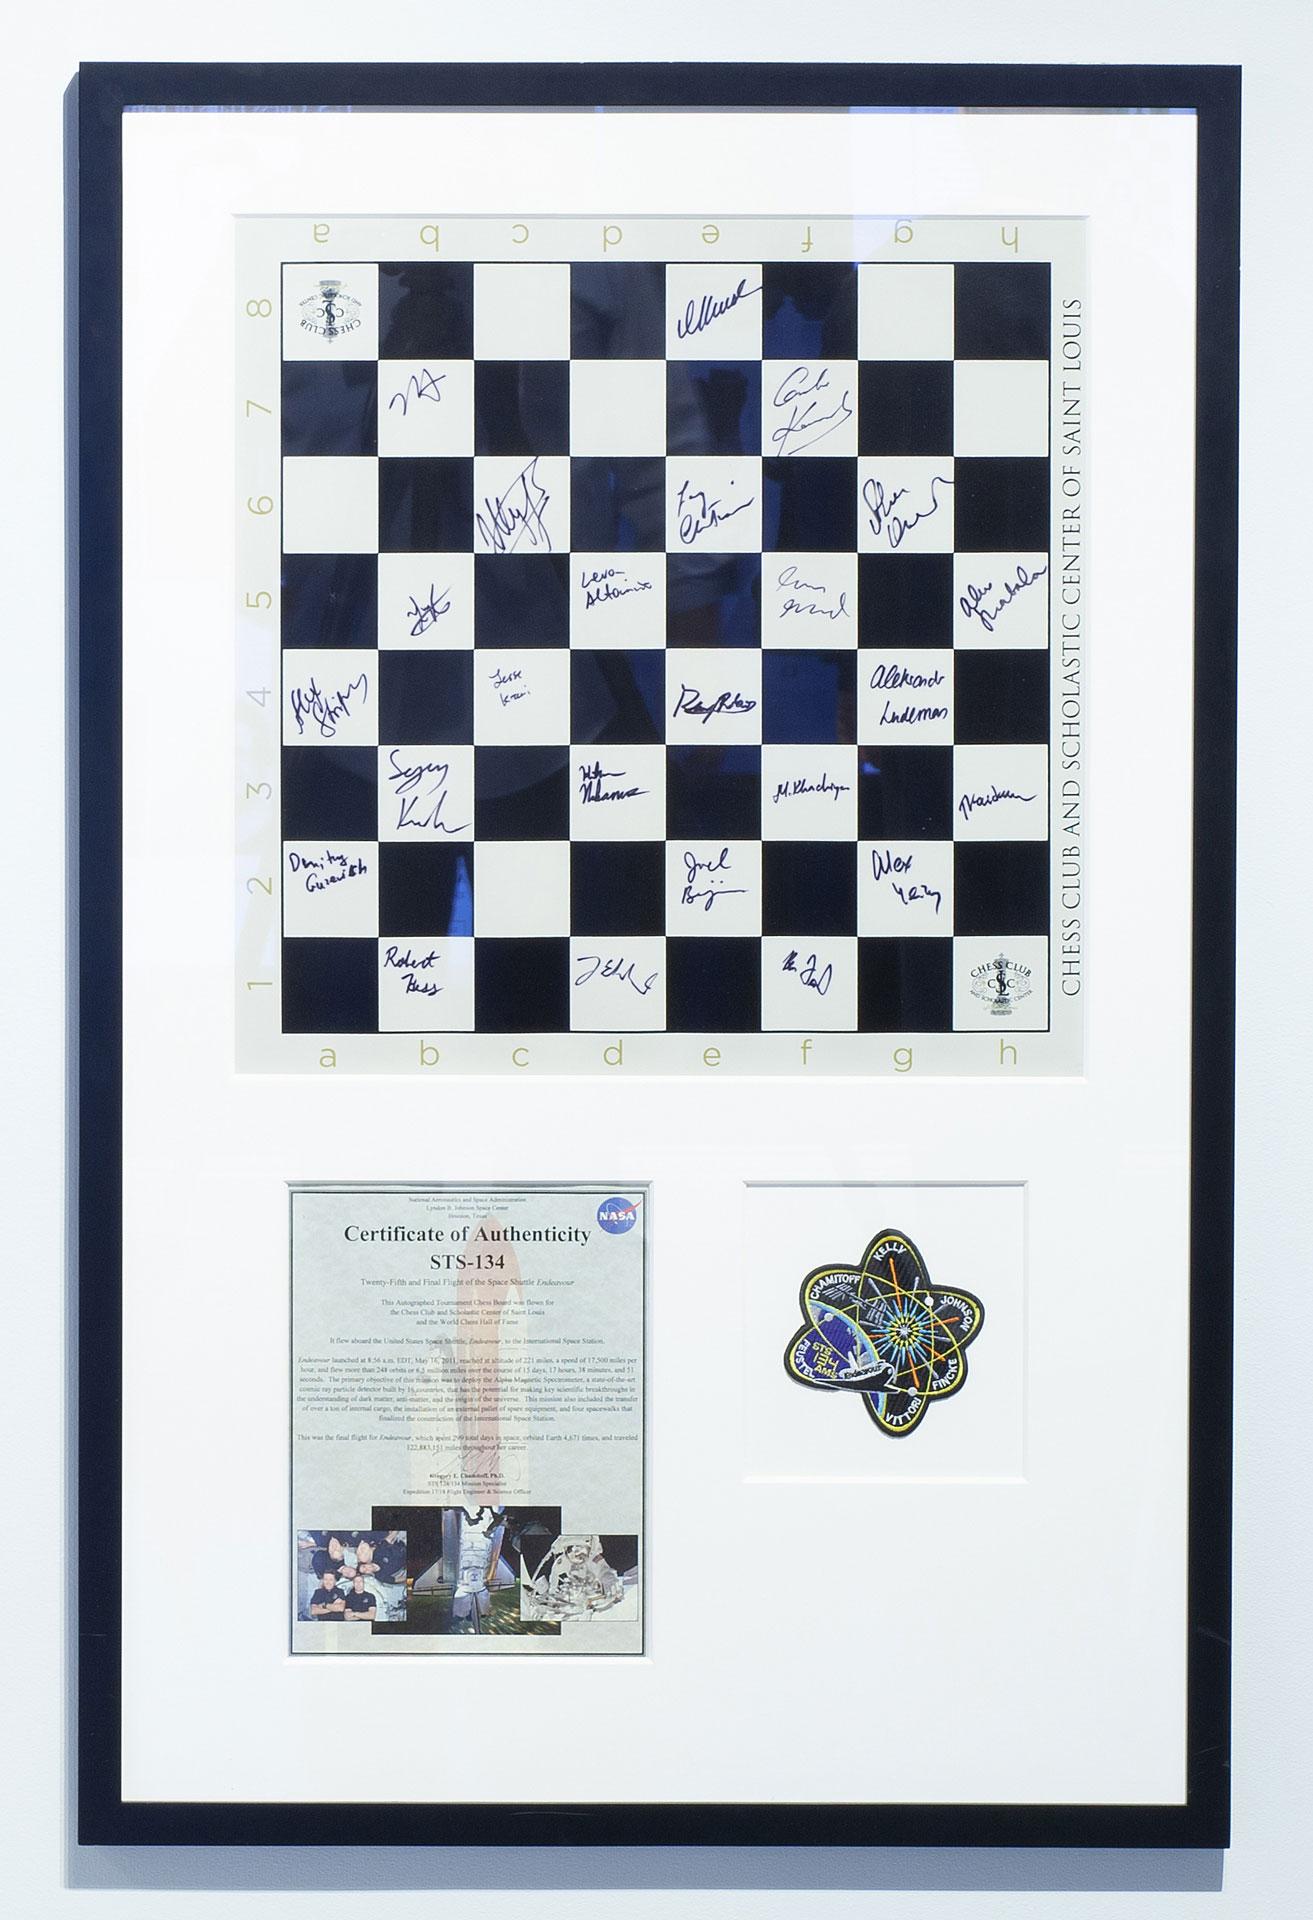 Endeavor Space Shuttle Chessboard, 2011